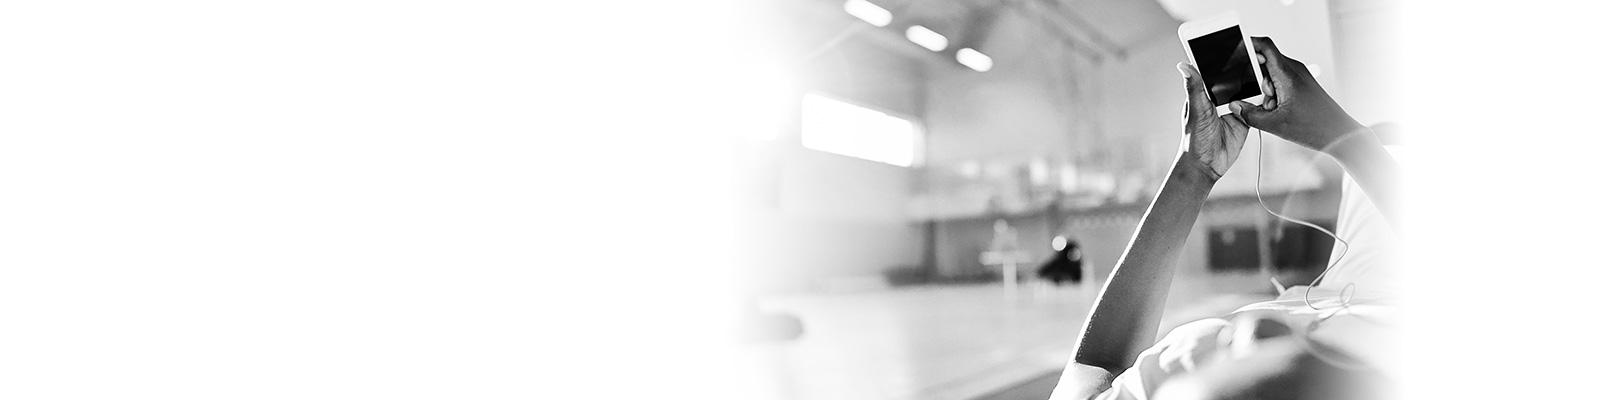 バスケット スマートフォン イメージ